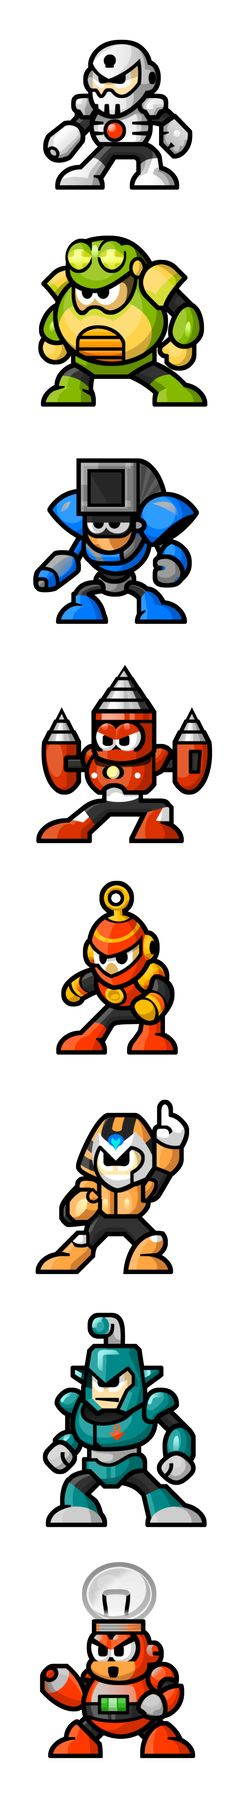 MegaMan 'Sprites'-Bosses of 4 by WaneBlade.deviantart.com on @DeviantArt